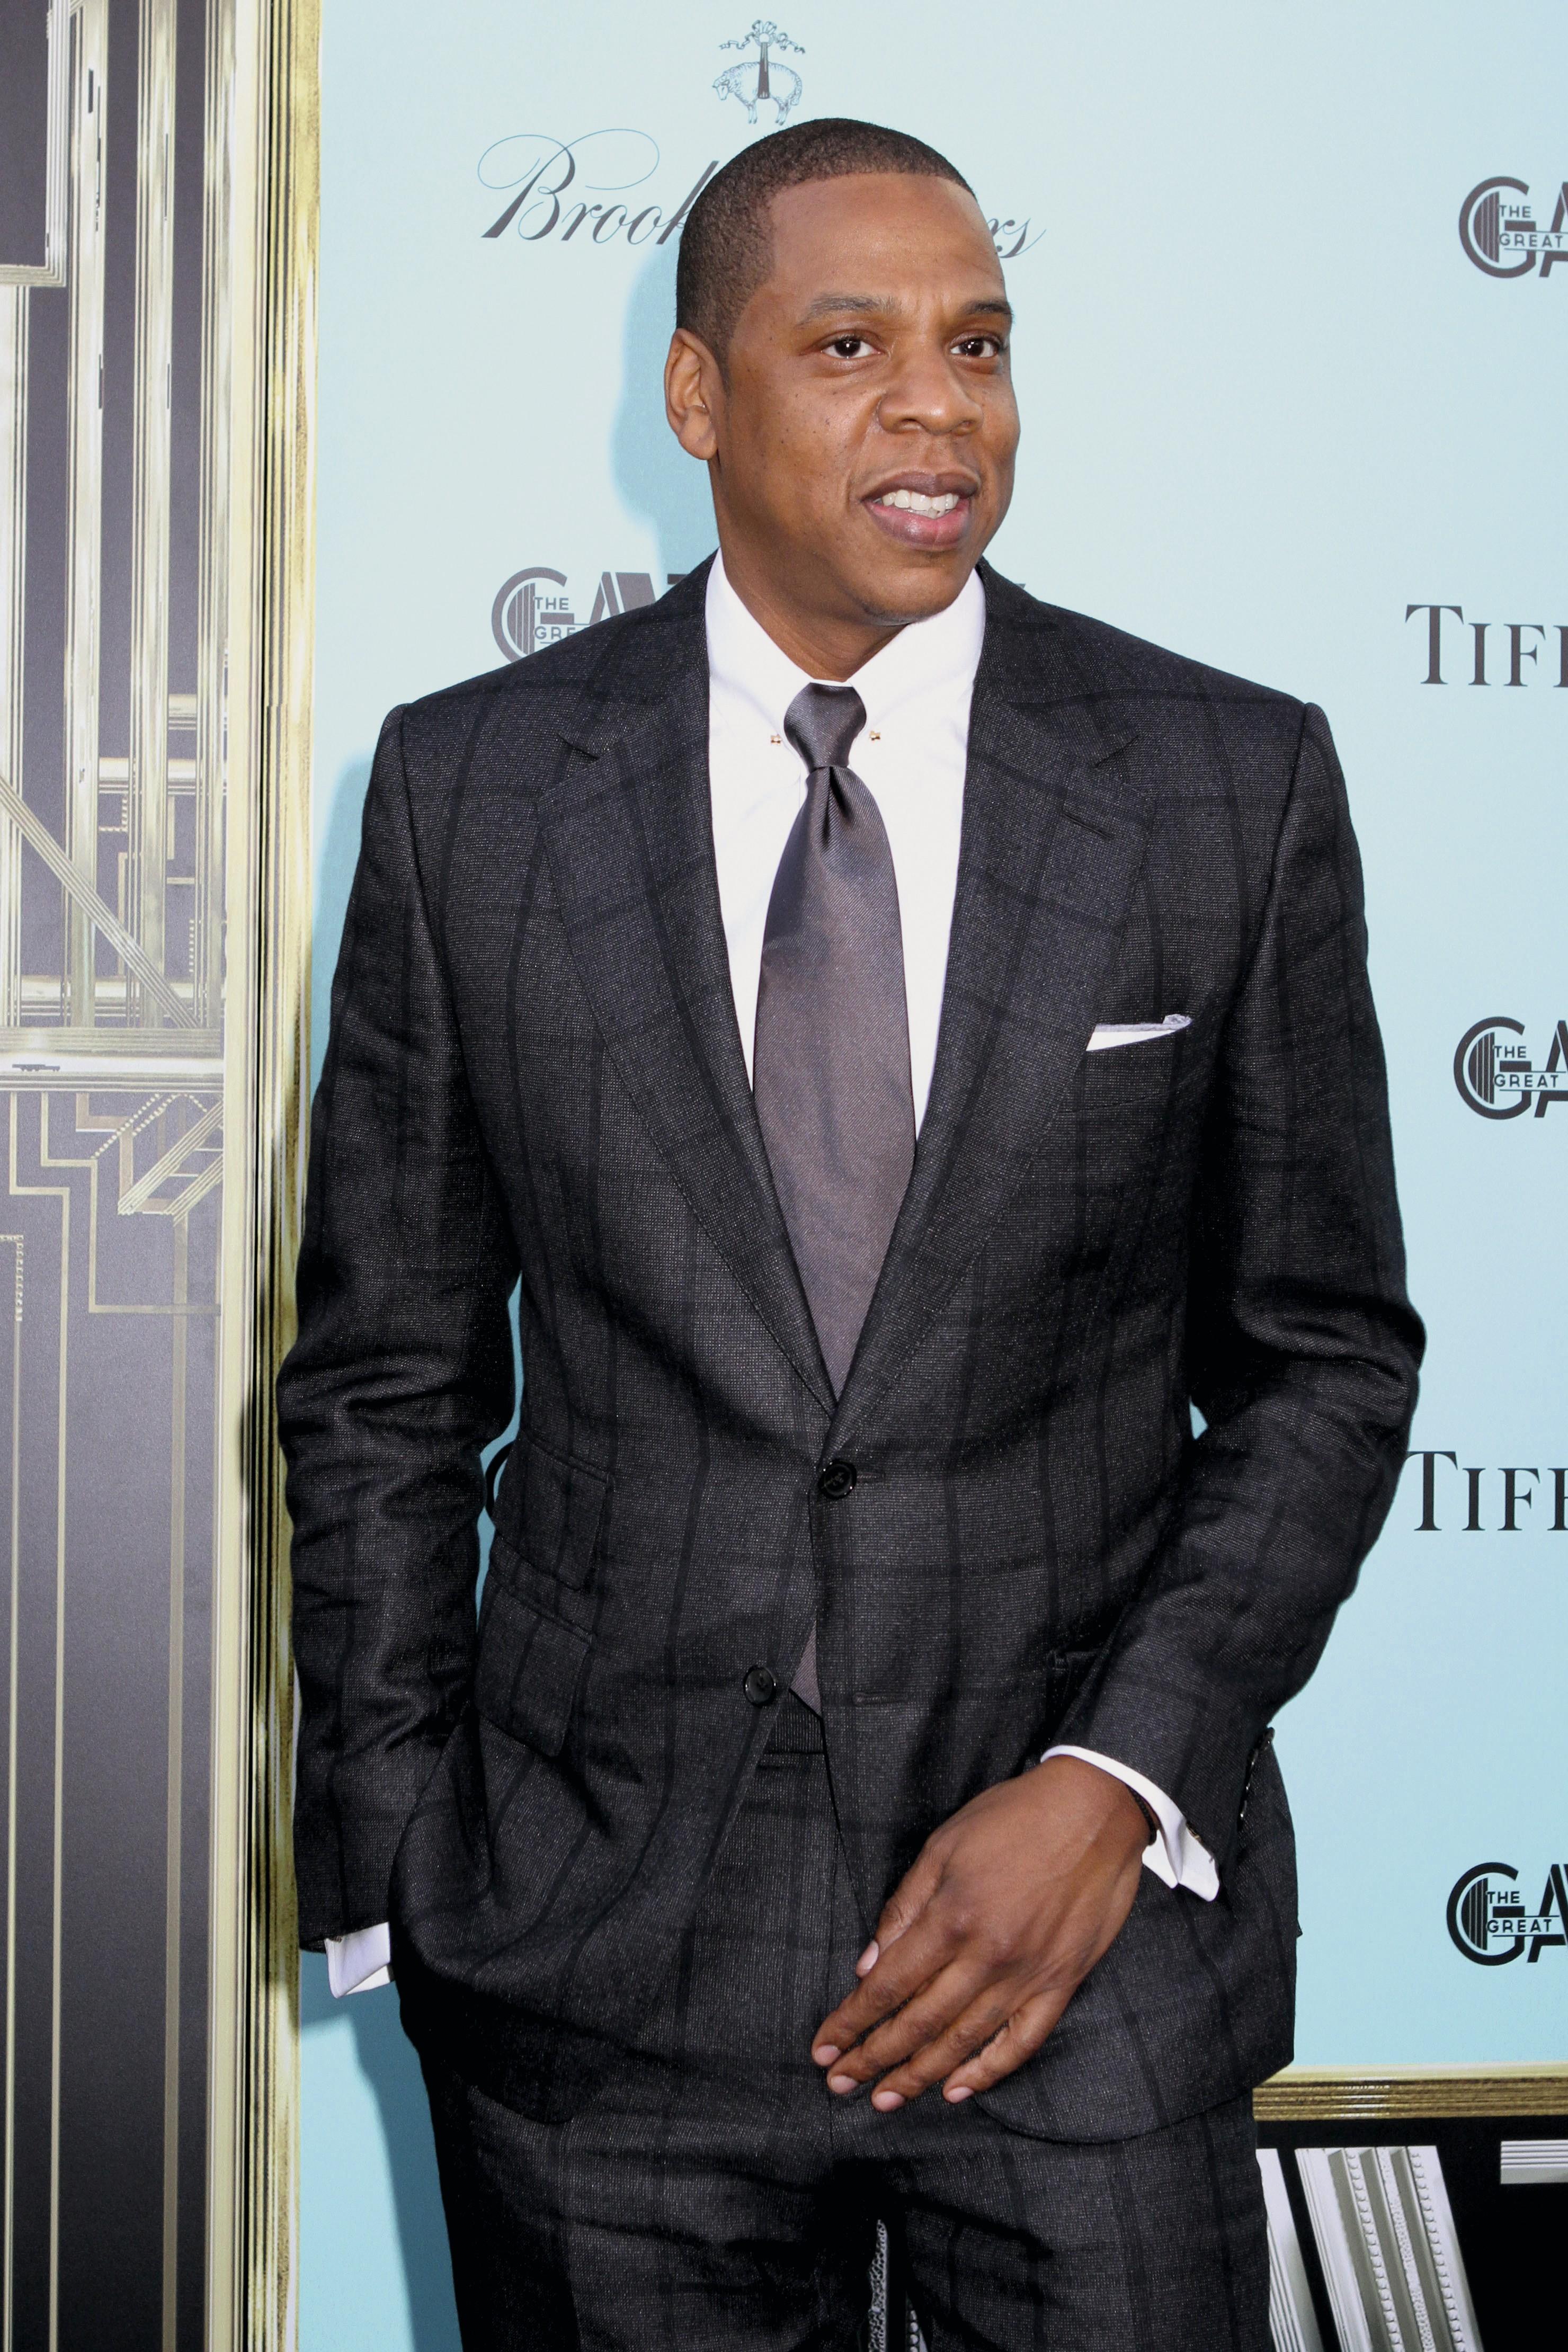 Jay-Z, entrepreneur